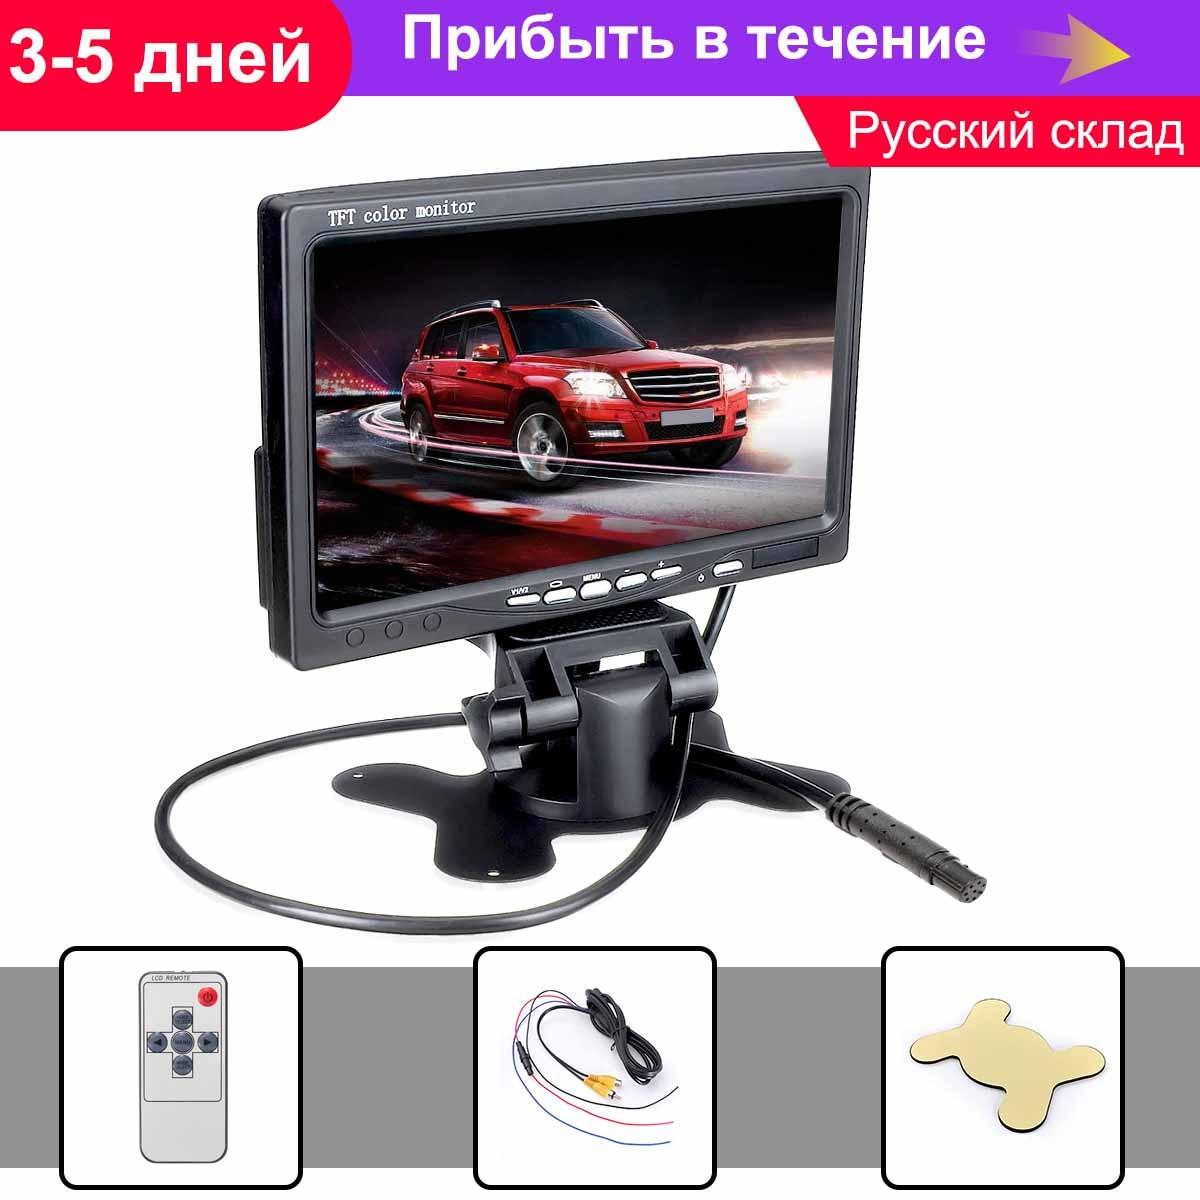 €18.6 |Универсальный 7 дюймовый TFT ЖК экран 480x234 автомобильный монитор для камеры заднего вида CCTV|Мониторы для авто| |  - AliExpress